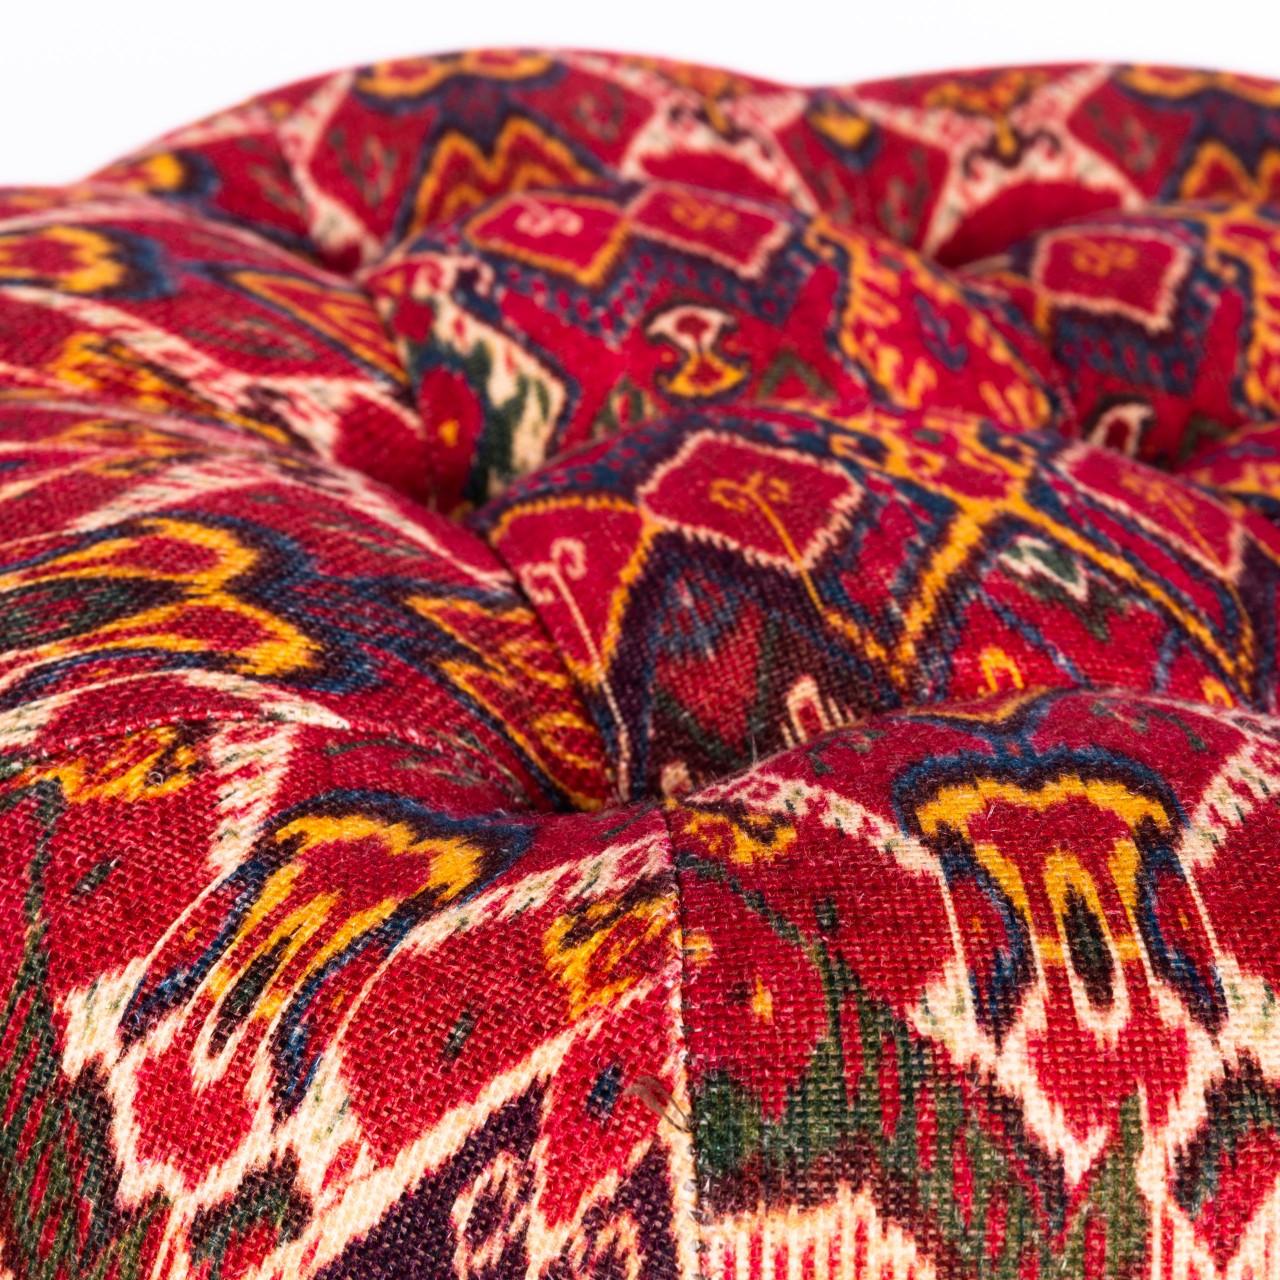 FEZ TUFTED STOOL - Uzbek Ikat Linen